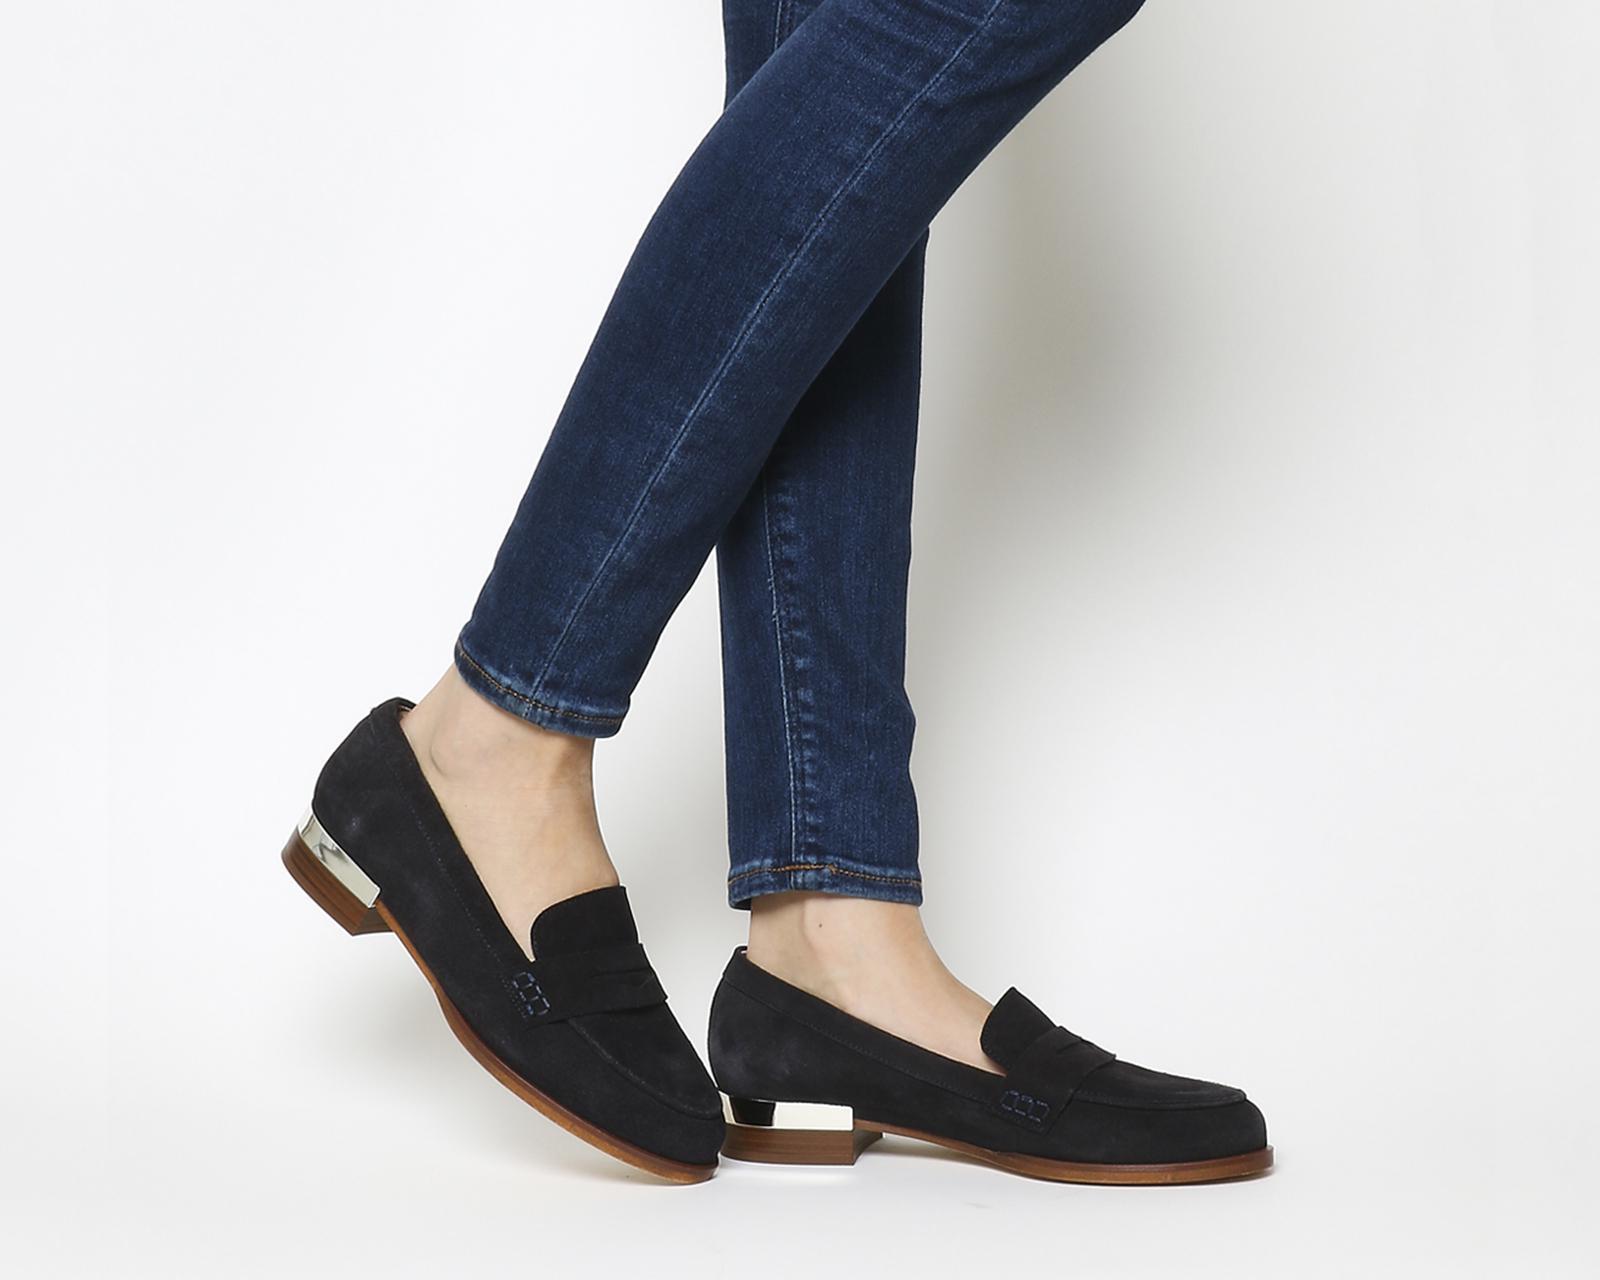 40fd71d2390f5 Office Deluxe Metal Heel Loafers in Blue - Lyst